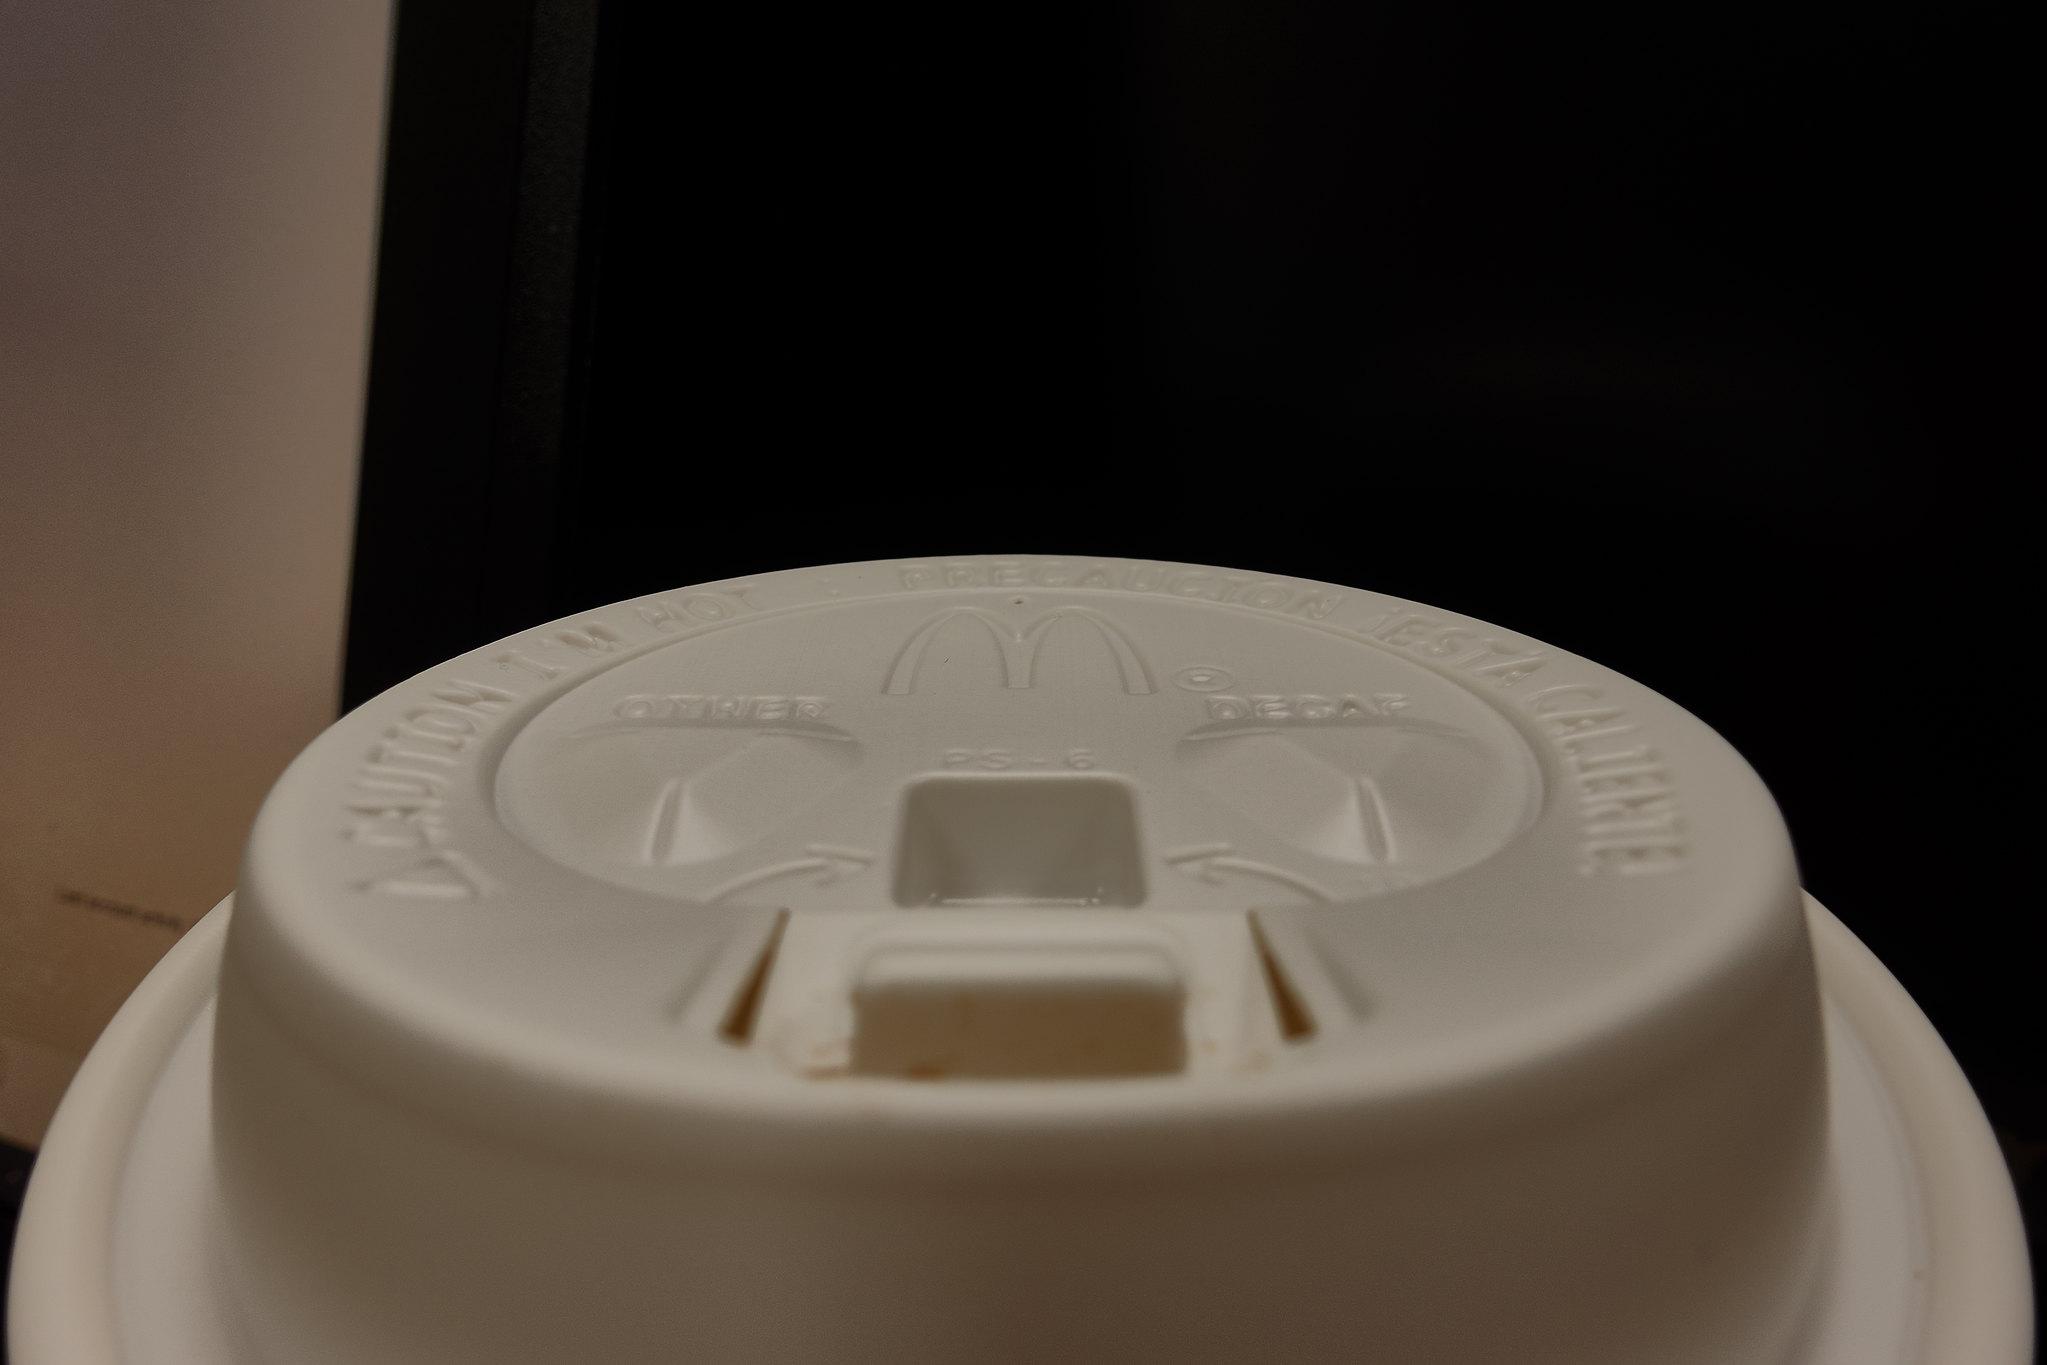 mcd cup lid_1